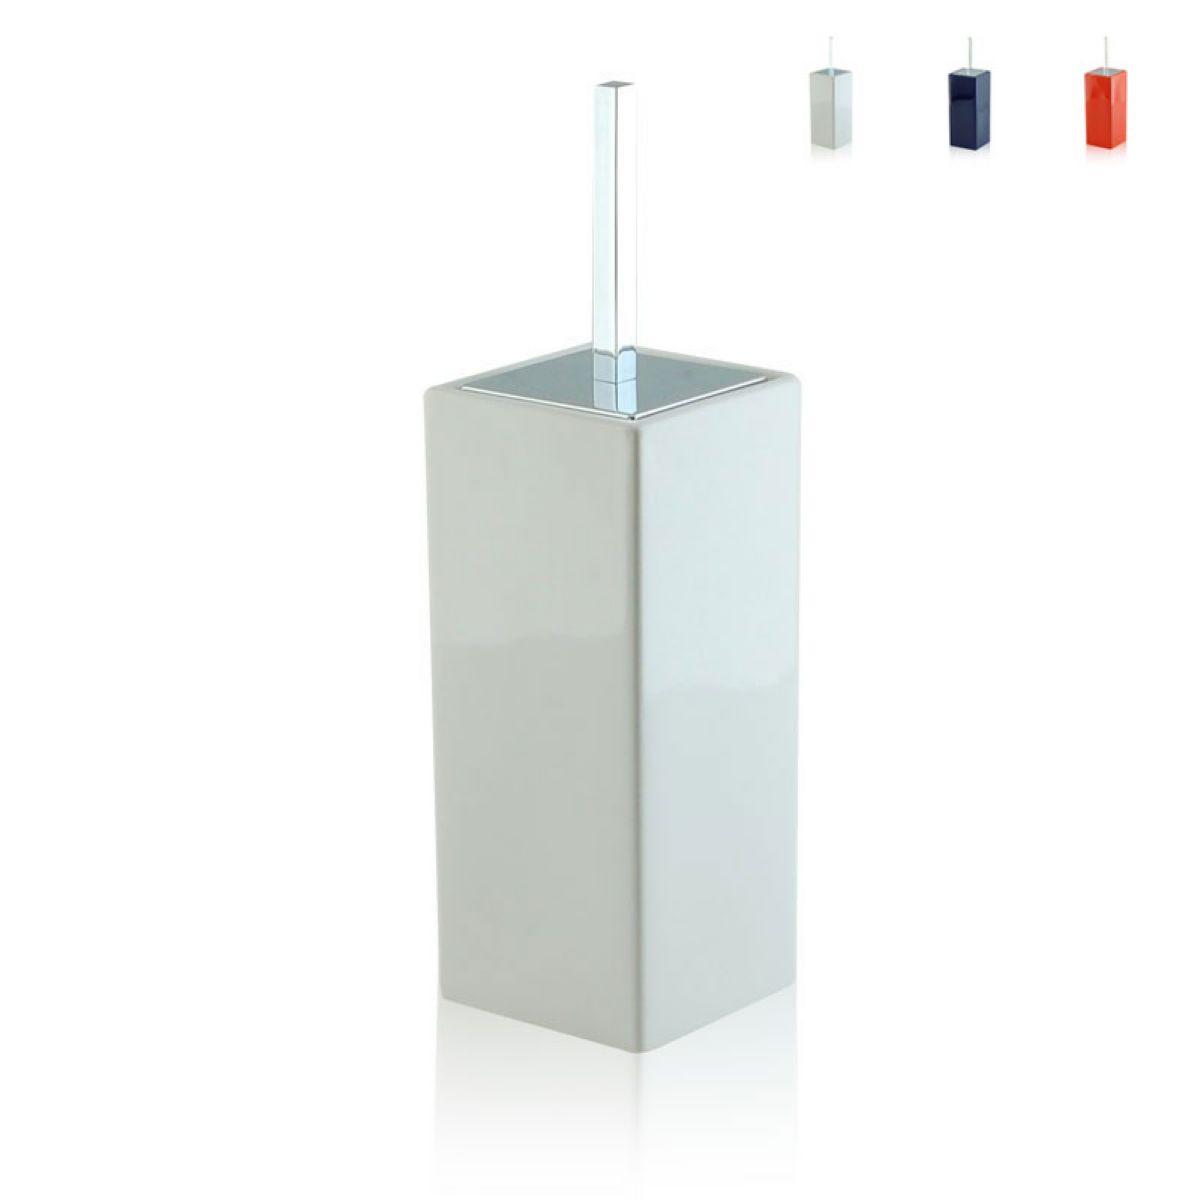 Portascopino da bagno quadrato bottiglioni - Porta scopino bagno ...